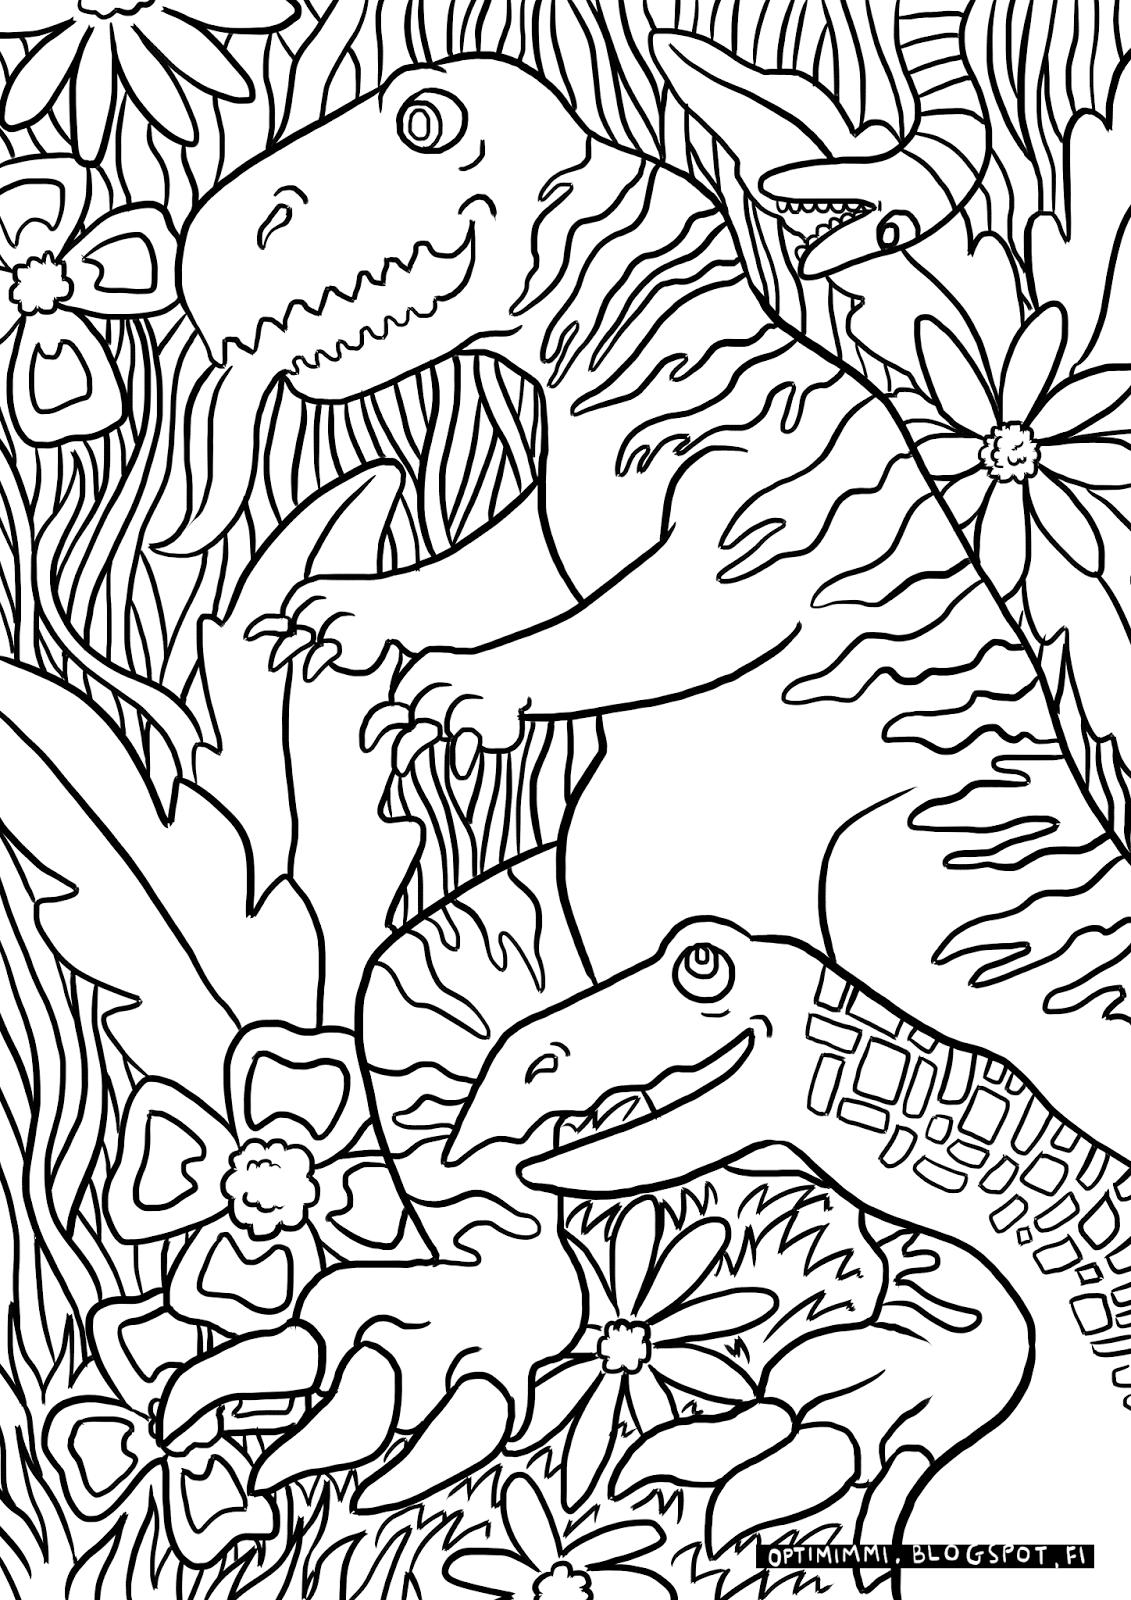 Coloring book varityskuvat - A Coloring Page Of Dinosaurs In A Jungle V Rityskuva Dinosauruksista Viidakossa